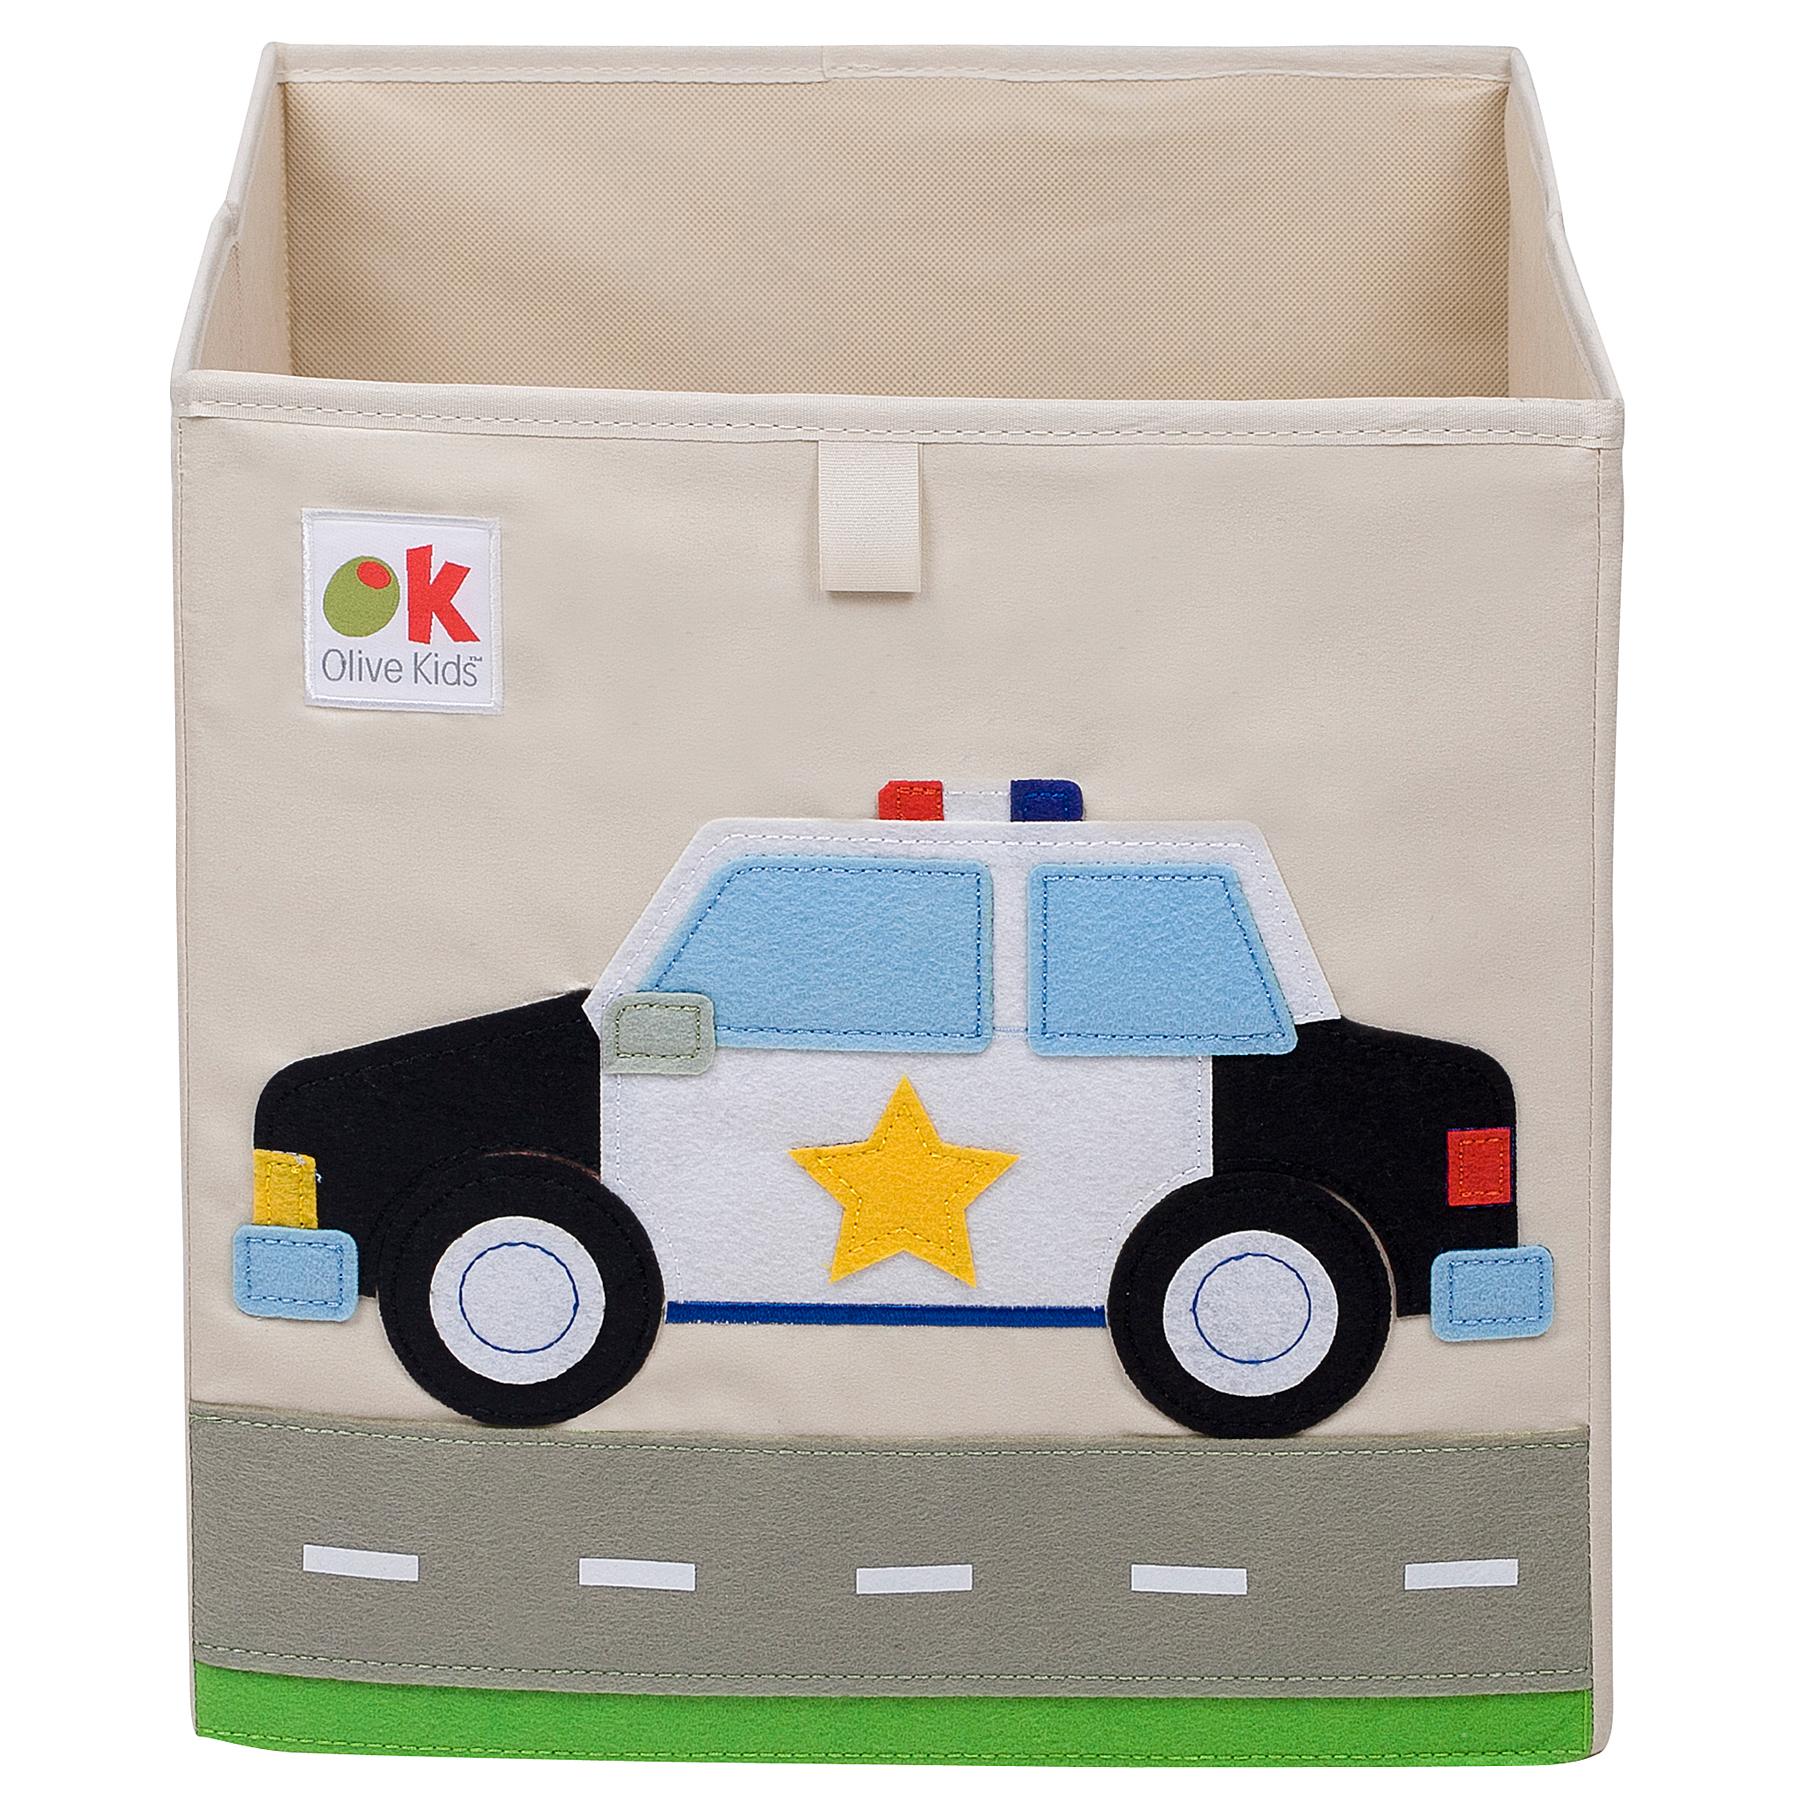 Olive Kids Police Car Storage Cube by Wildkin